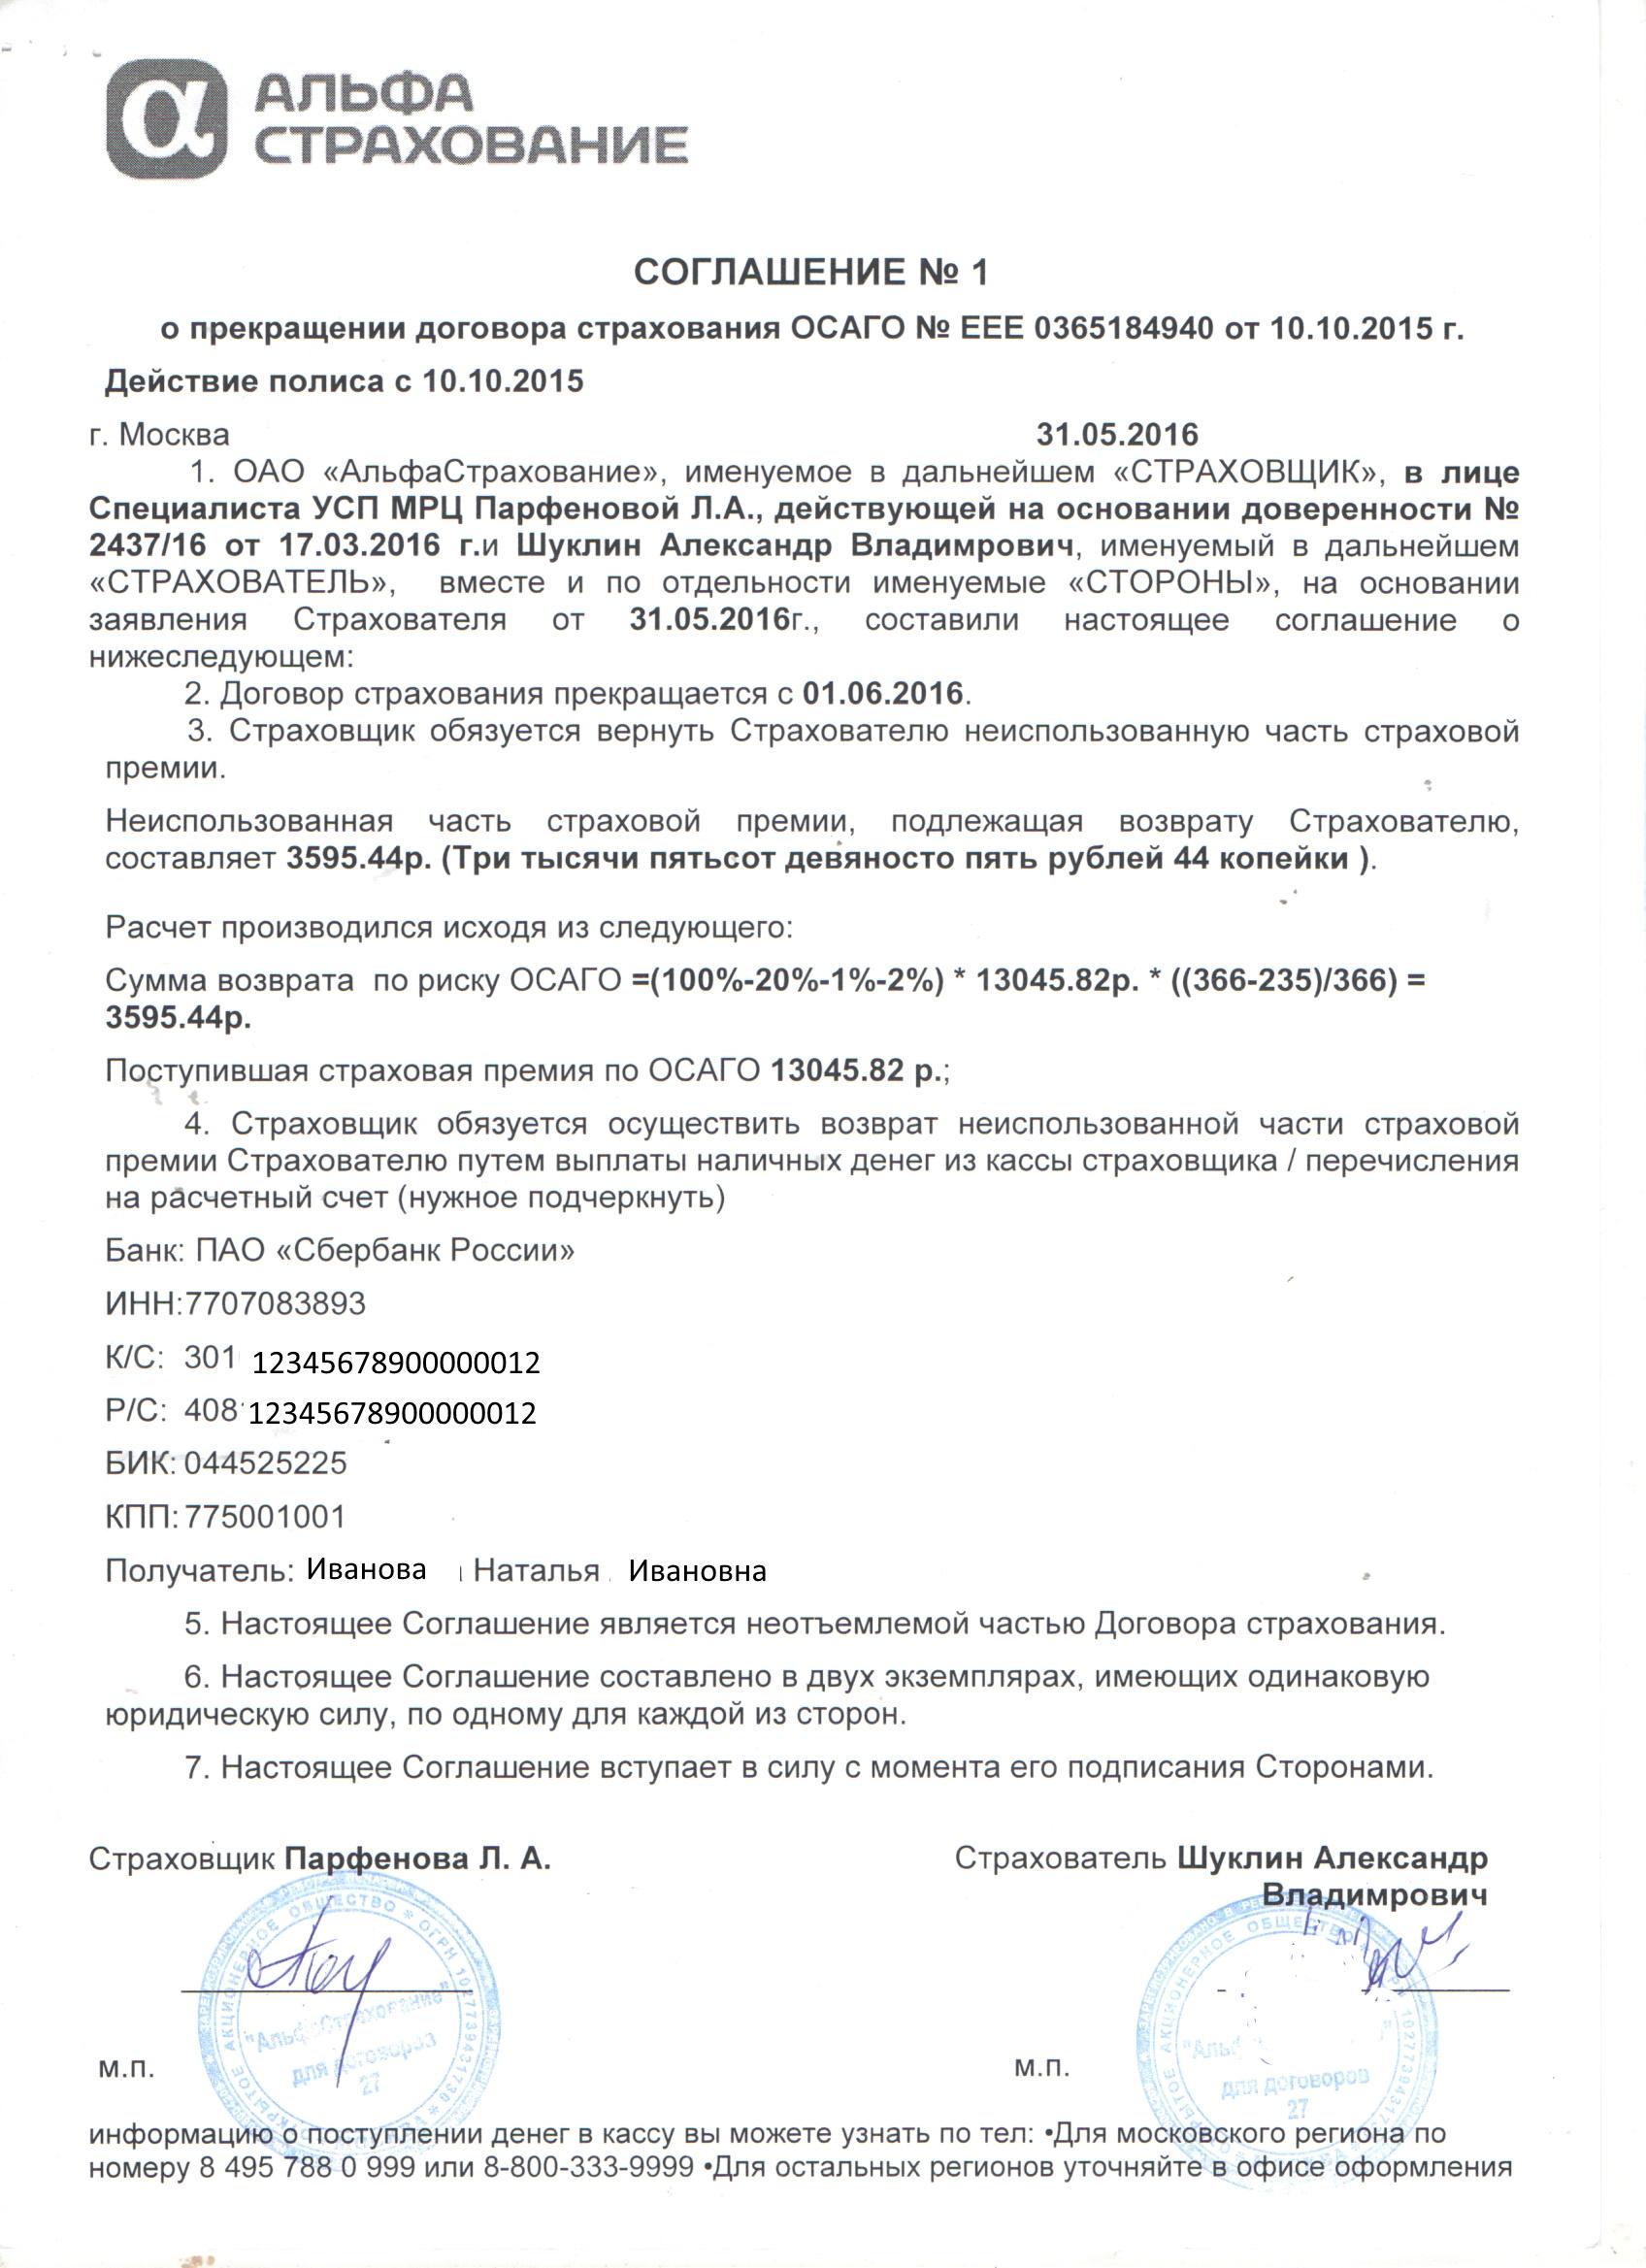 Соглашение о расторжении договора страхования ОСАГО